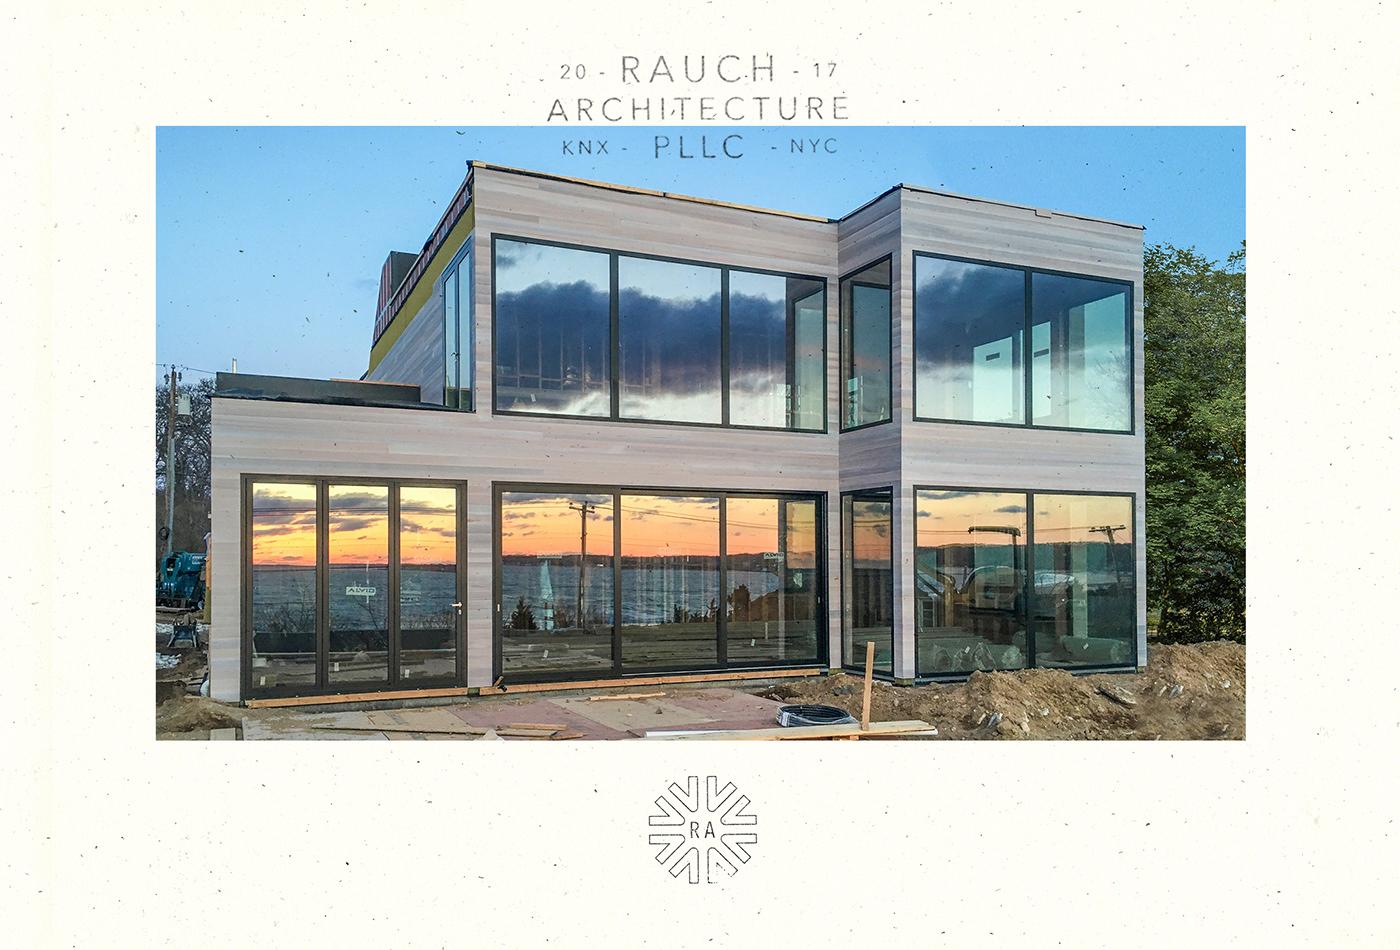 ra-rauch-architecture-matthew-rauch-architecture-pllc-nyc-brooklyn-knx-architect-ppx-modernism-passengerpigeonx-vacaliebres-marks-schematic-midcentury-4